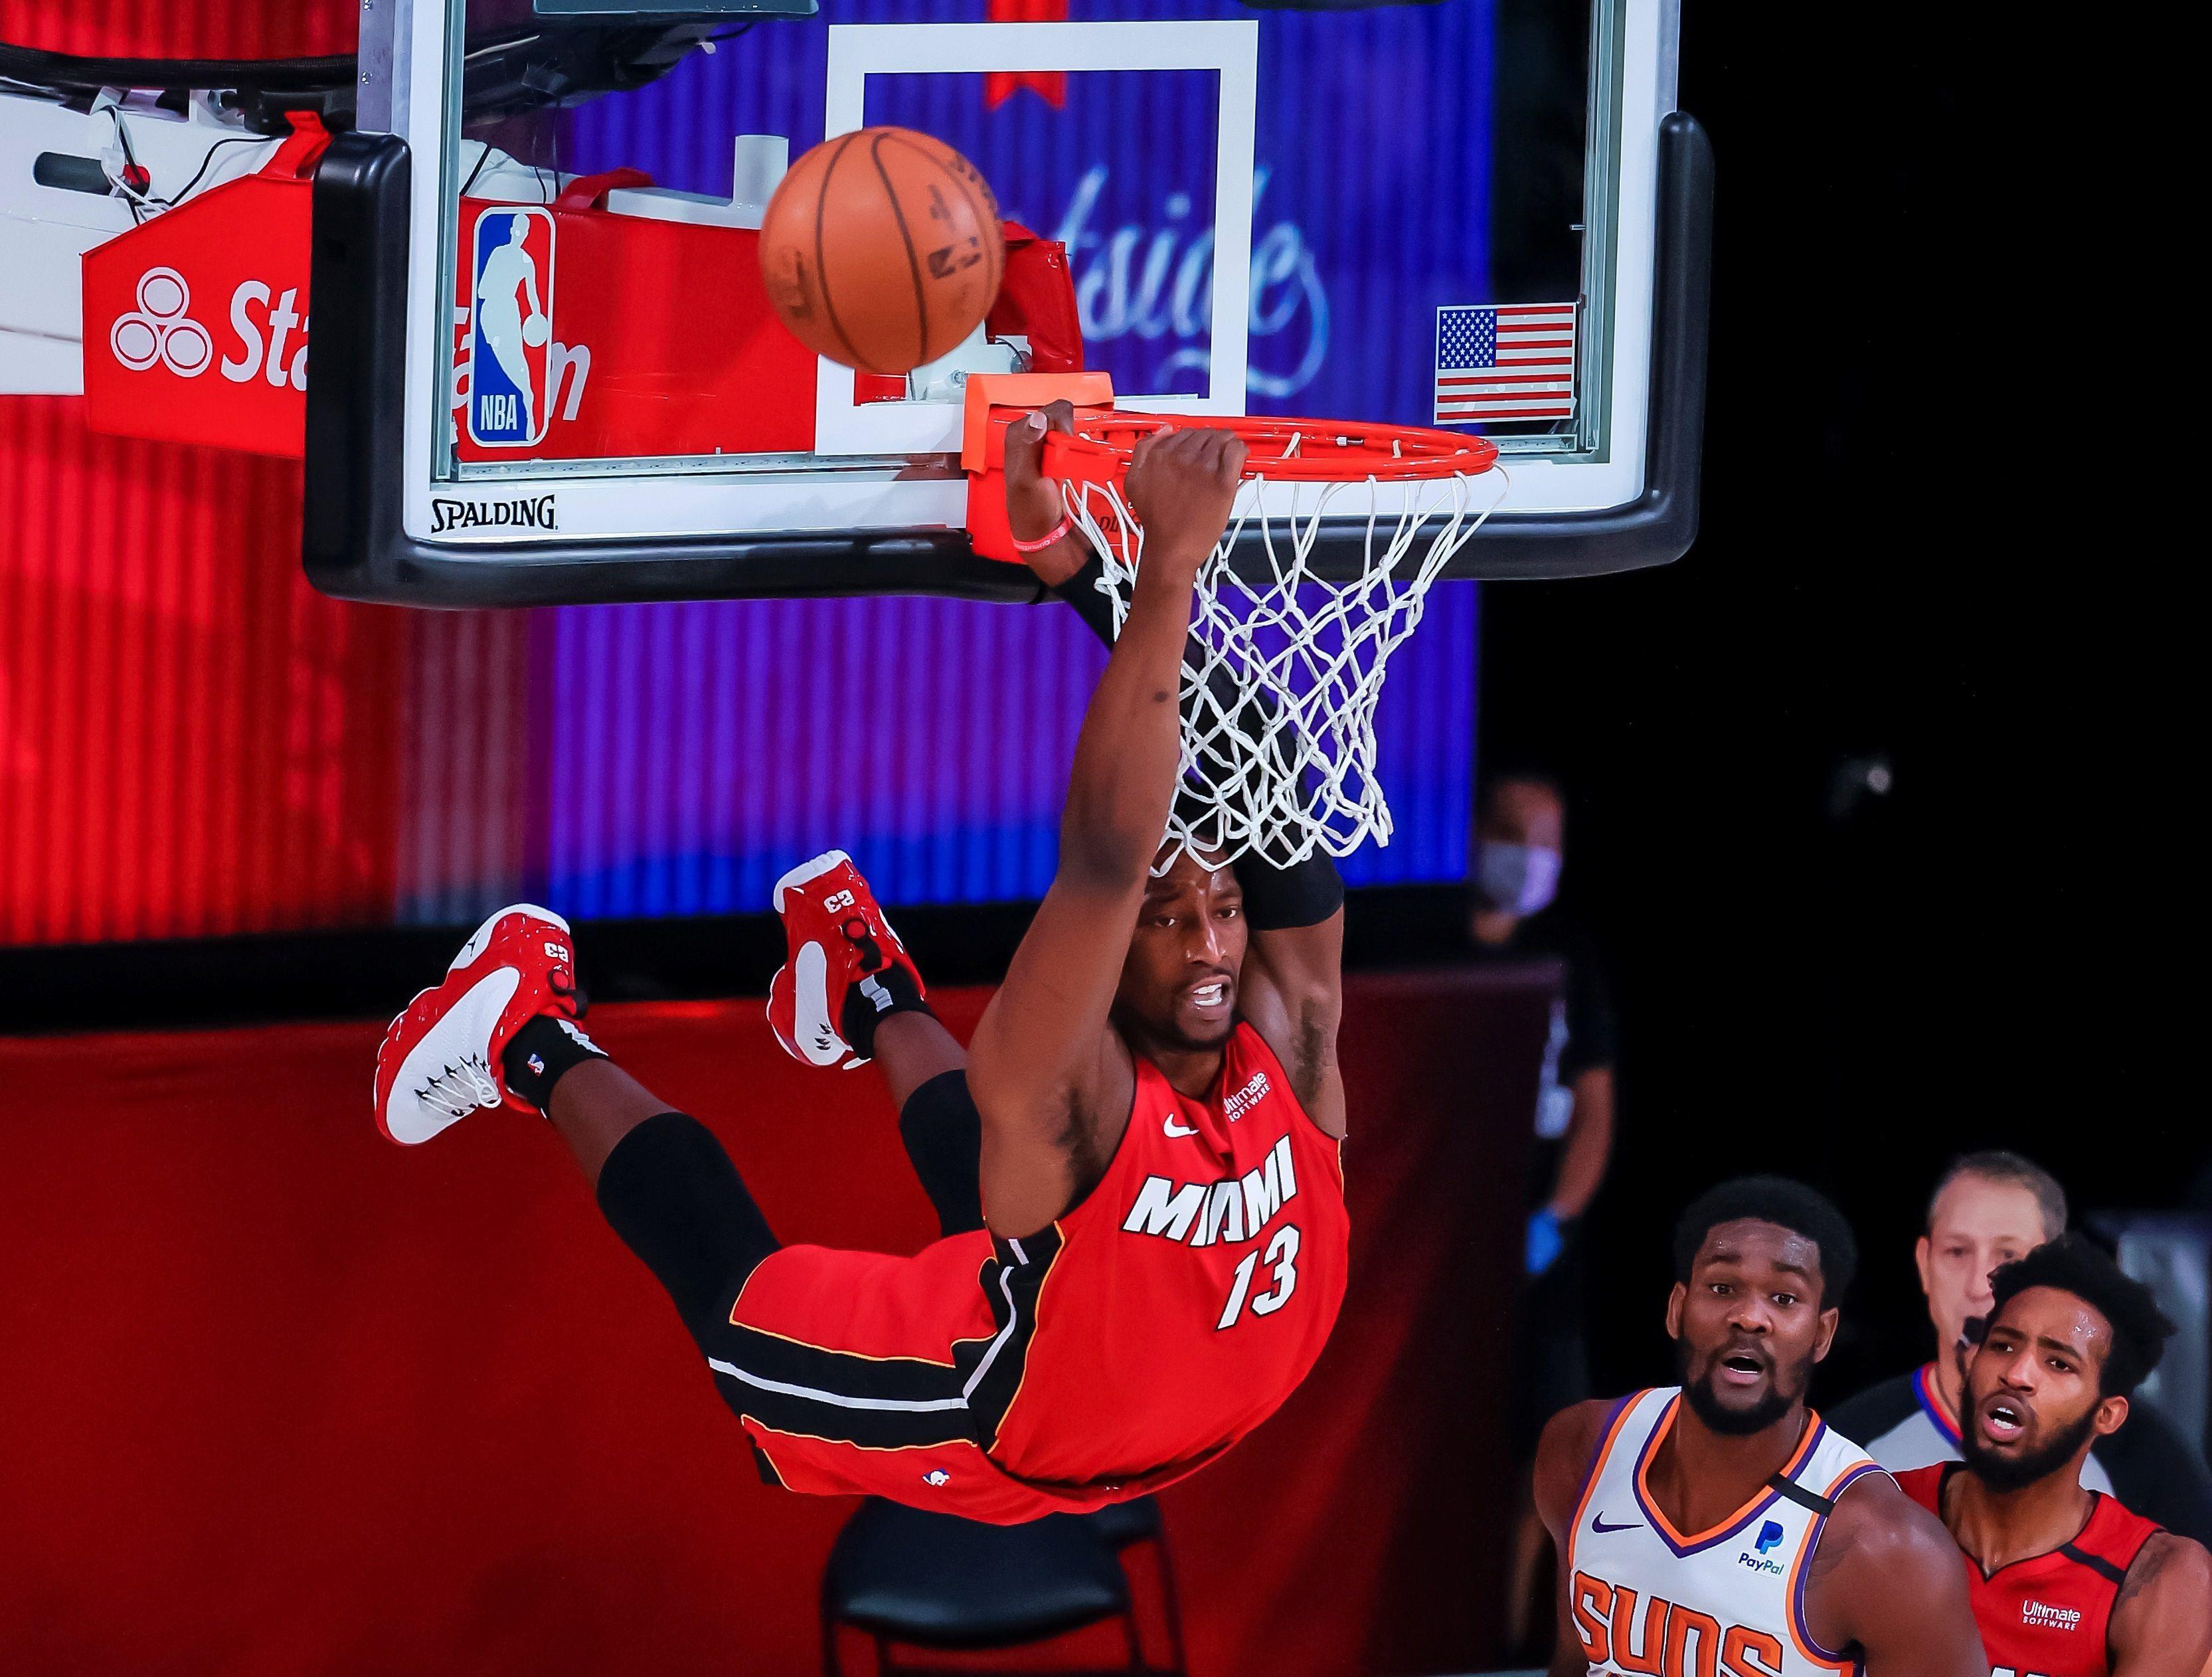 El alero de Miami Heat Bam Adebayo falla un intento de mate ante los Phoenix Suns hoy, durante la segunda mitad del juego de baloncesto de la NBA, entre los Phoenix Suns y los Miami Heat, en el ESPN Wide World of Sports Complex, en Kissimmee, Florida (EEUU). EFE/ Erik S. Lesser